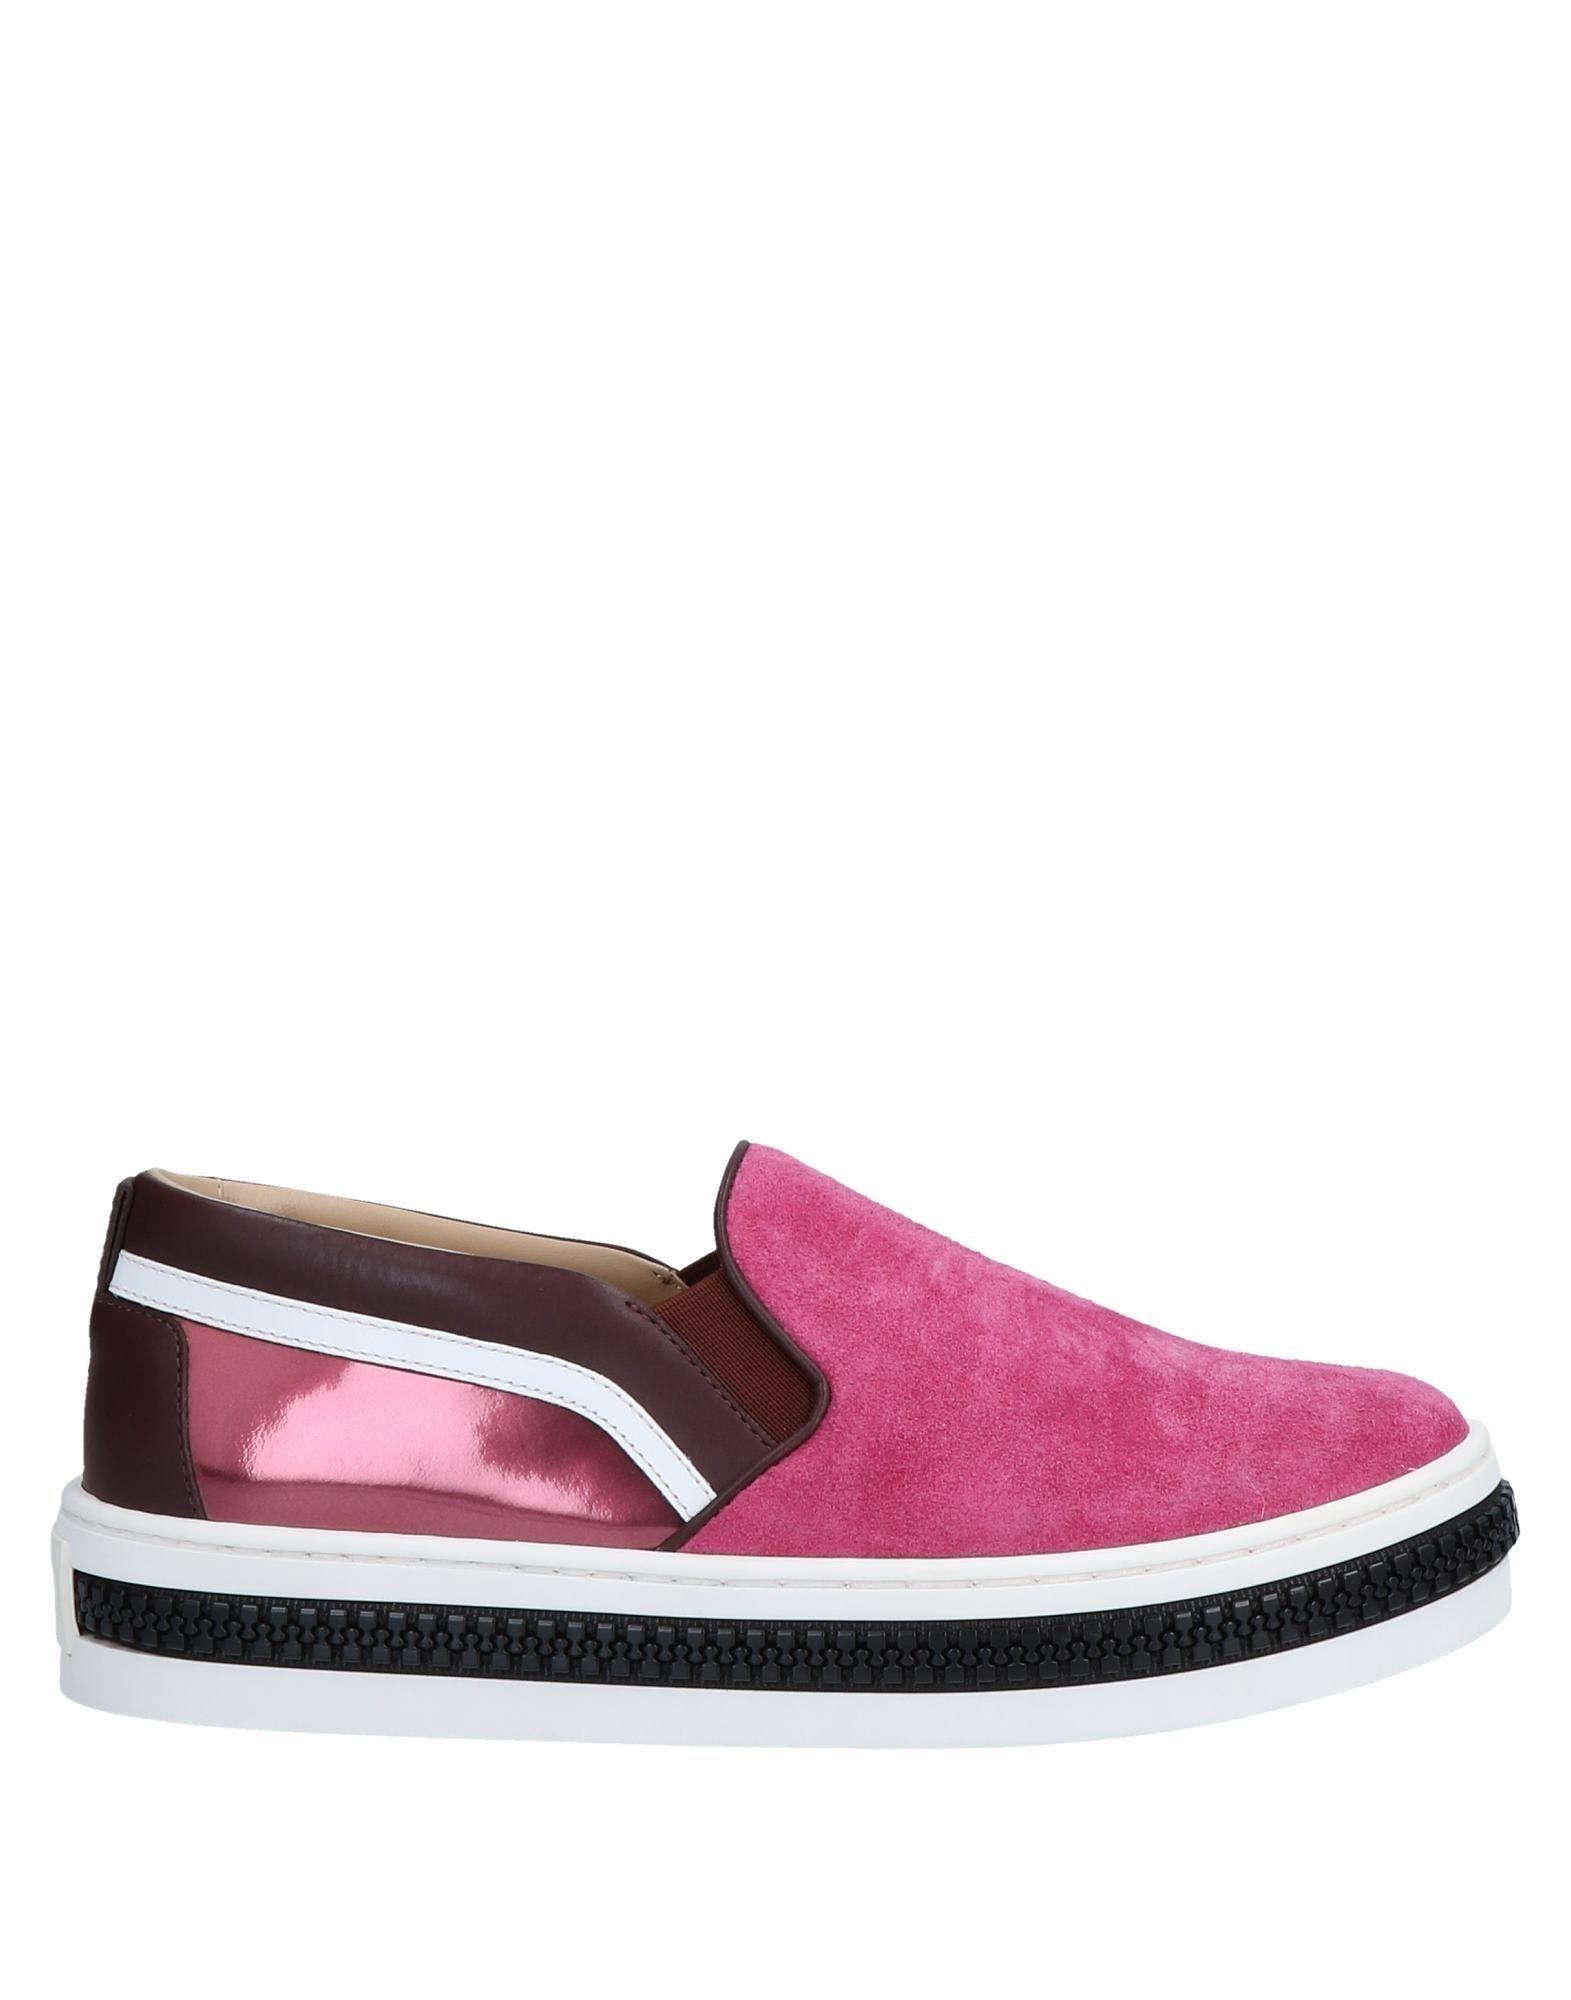 Sergio Sergio Sergio Rossi Sneakers - Women Sergio Rossi Sneakers online on  Canada - 11563448AJ 953f15